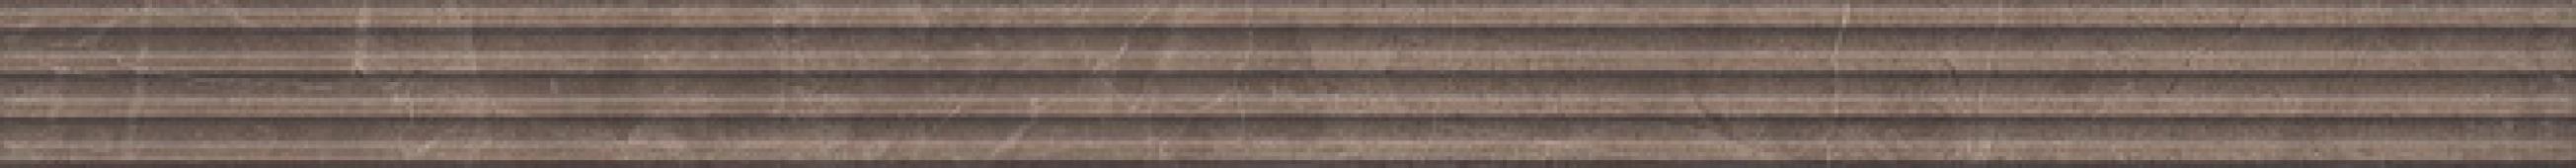 Бордюр Орсэ коричневый структура 40*3,4